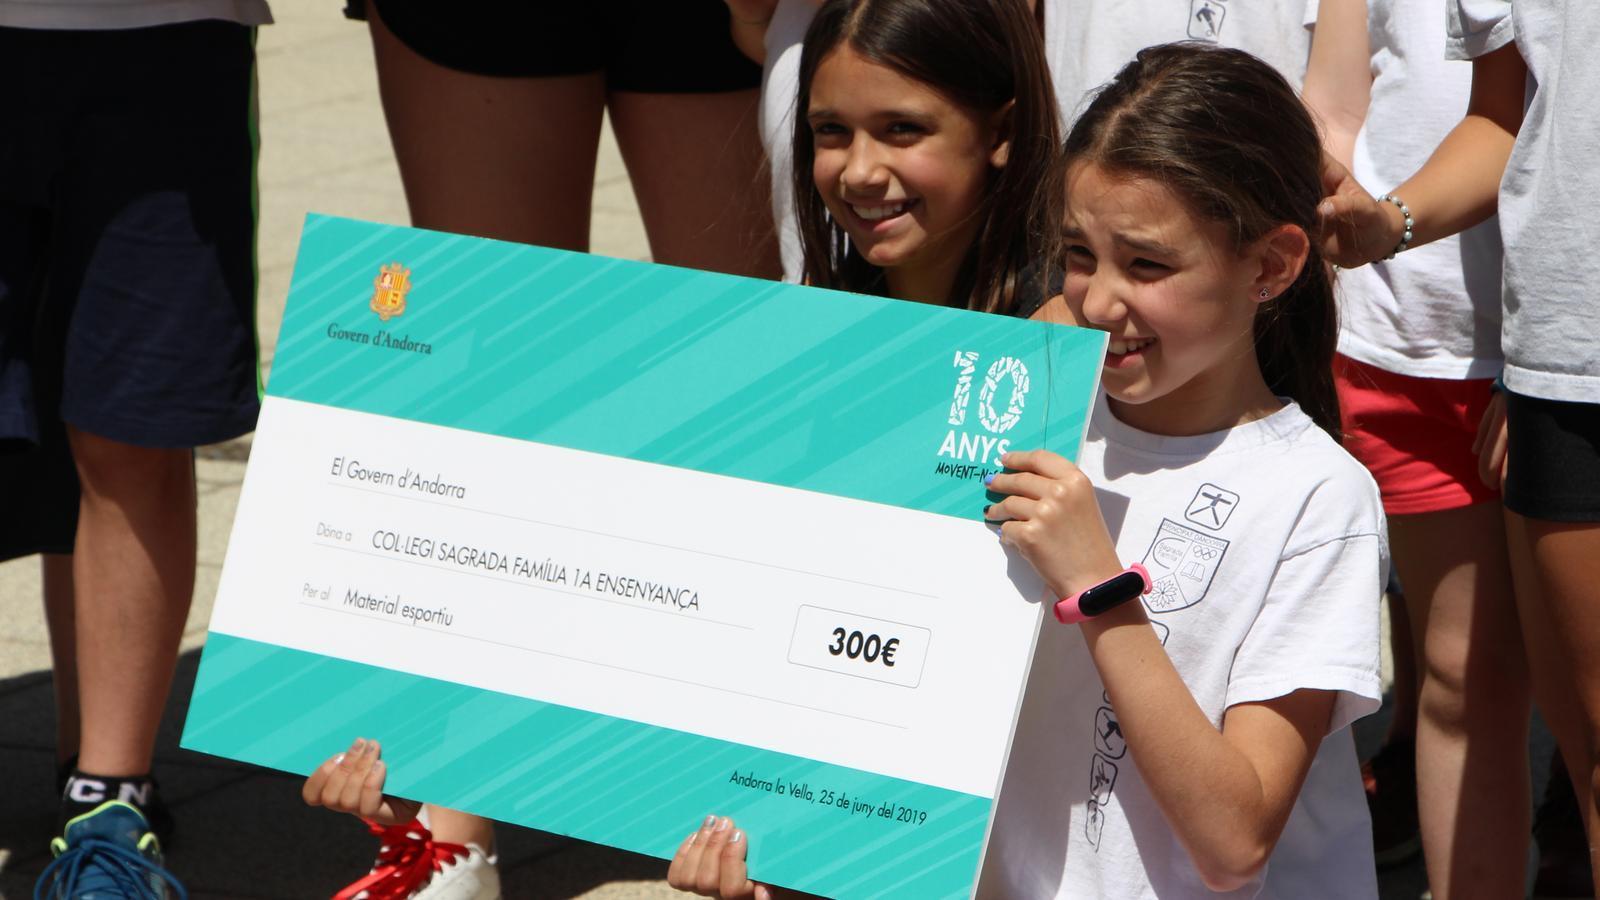 Alumnes del Col·legi Sagrada Família amb el xec de 300 euros que es destinaran a necessitats escolars. / M. R. F. (ANA)